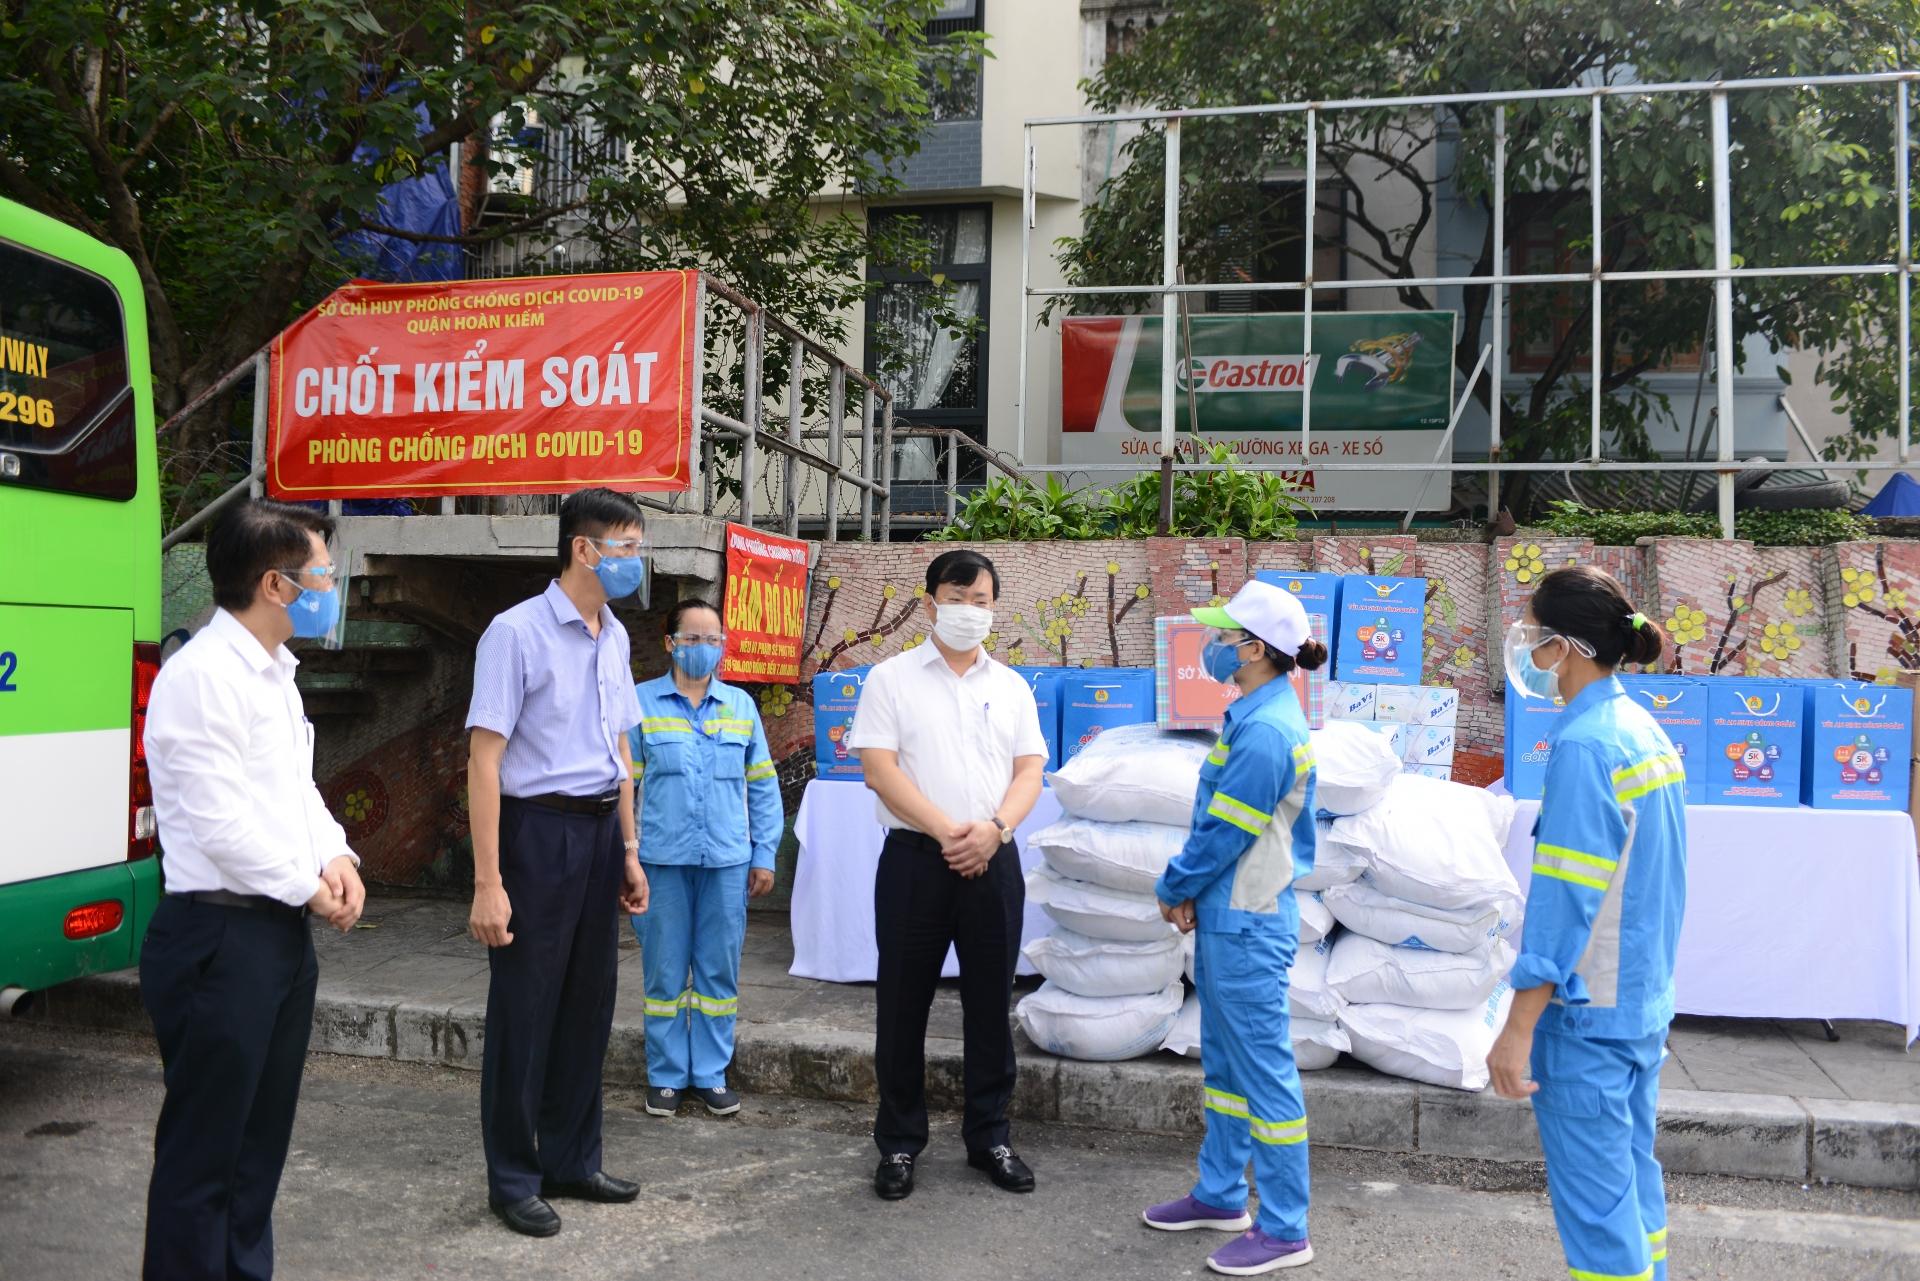 giam doc so xay dung ha noi vo nguyen phong tham hoi tang qua cong nhan to moi truong so 9 phuong chuong duong